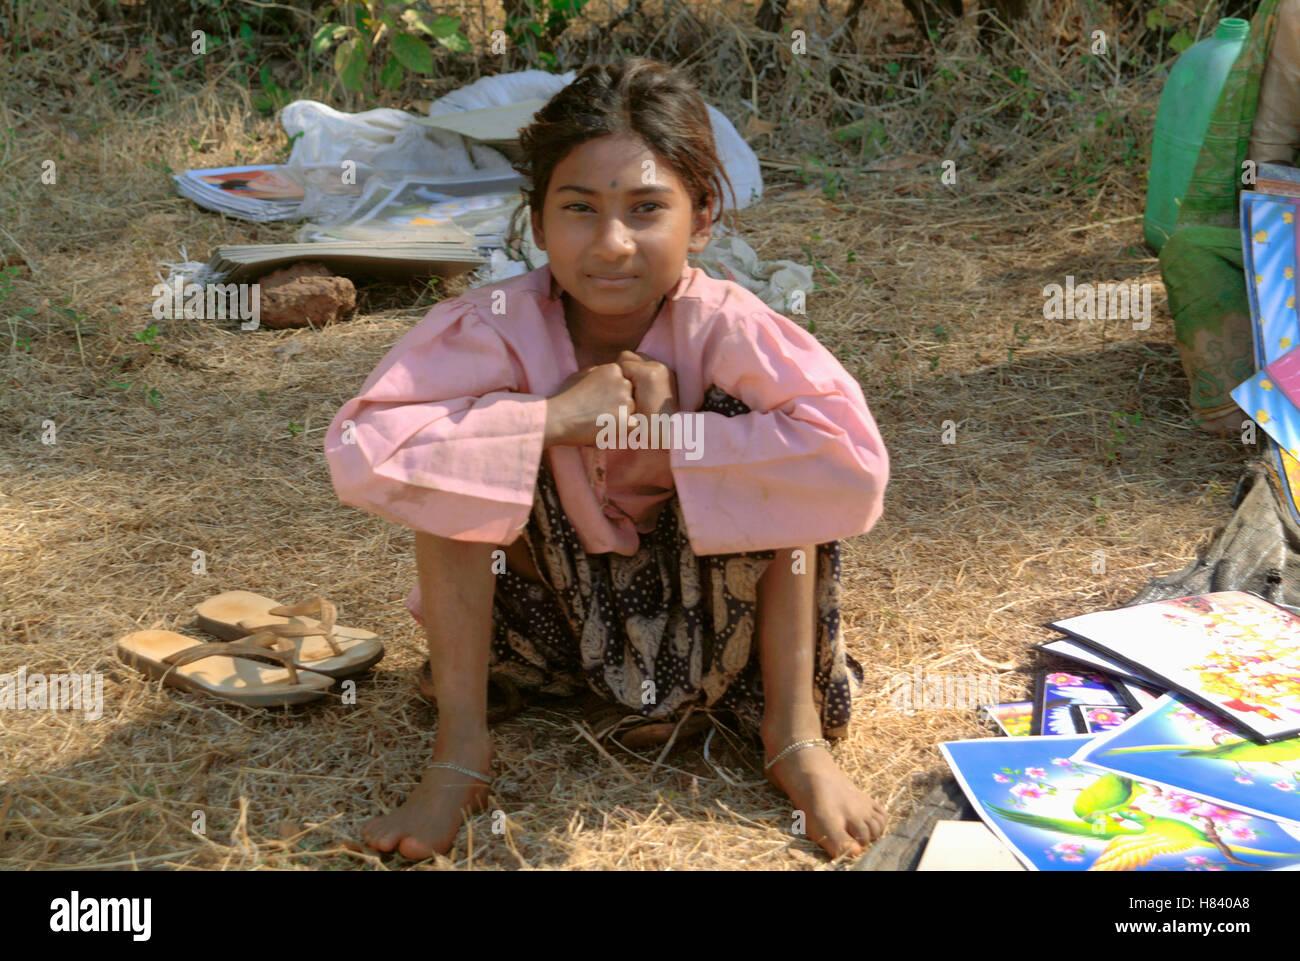 from Jamison maharashtra village girl nude image